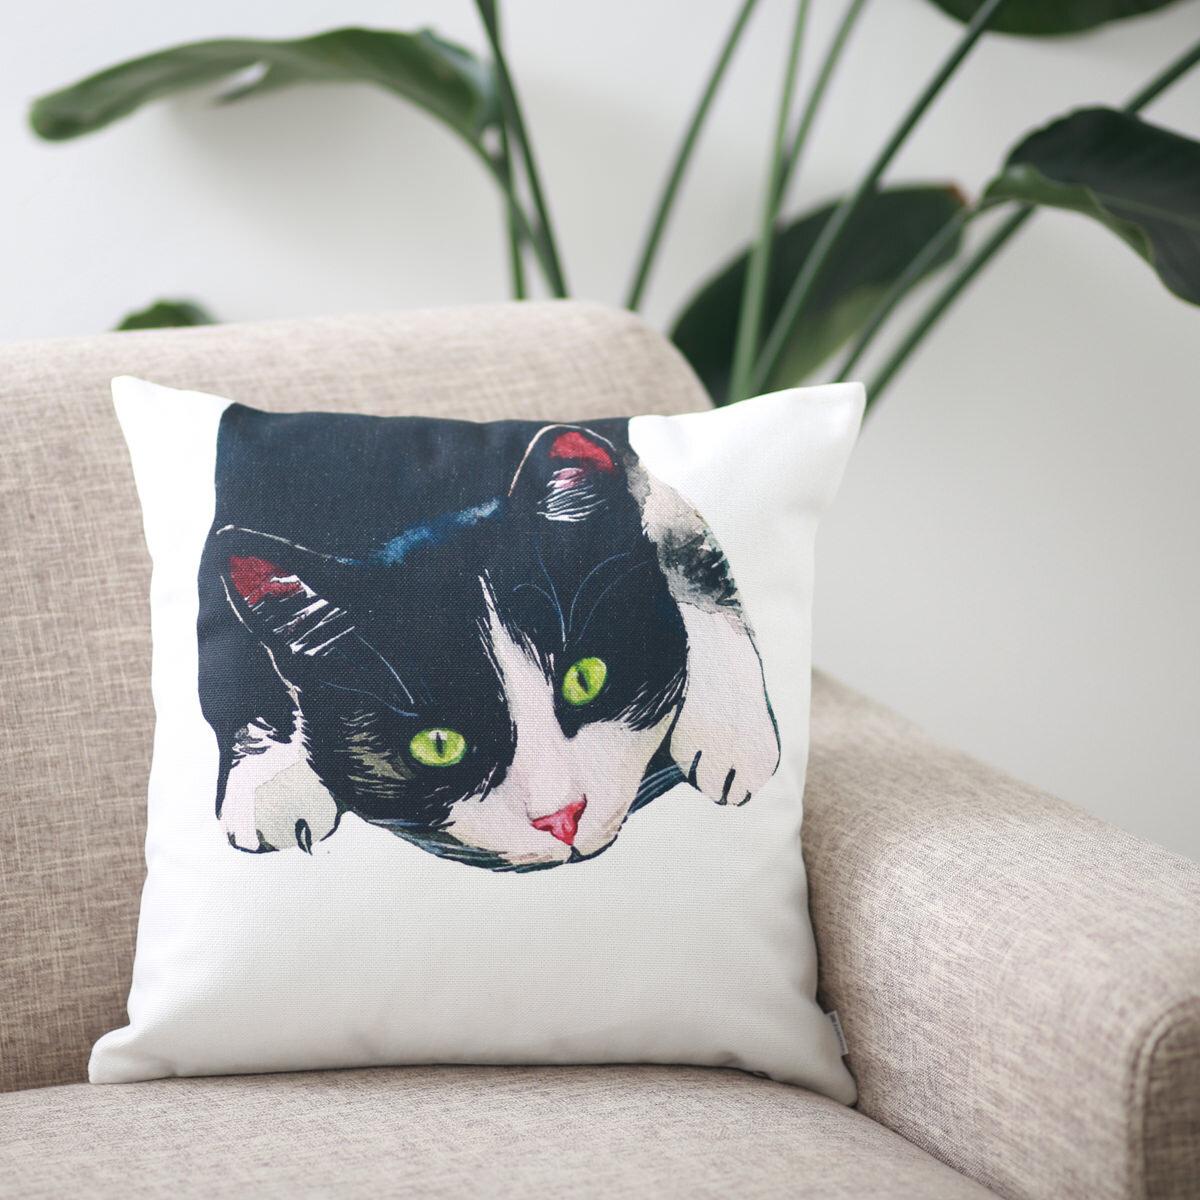 クッションカバー GREEN EYE CAT